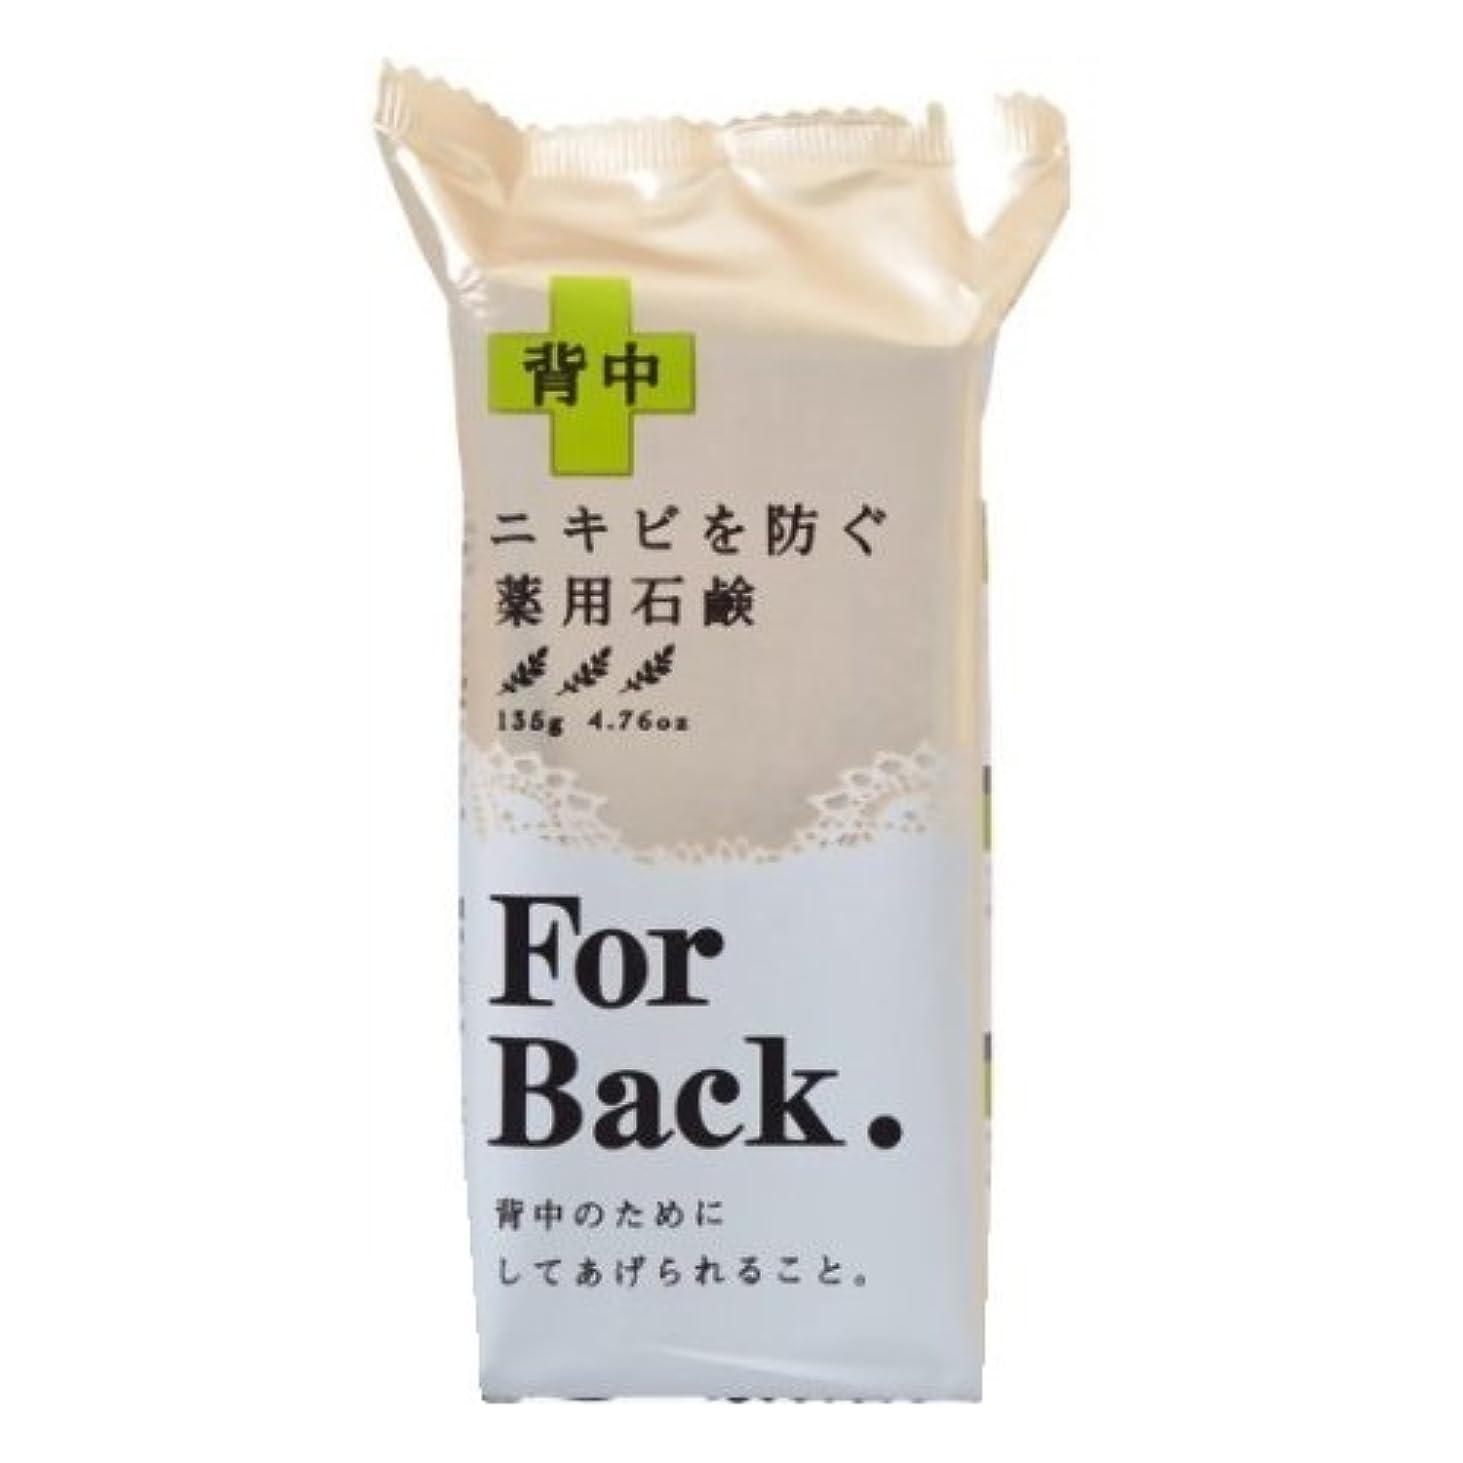 記念碑共役年金受給者薬用石鹸ForBack 135g